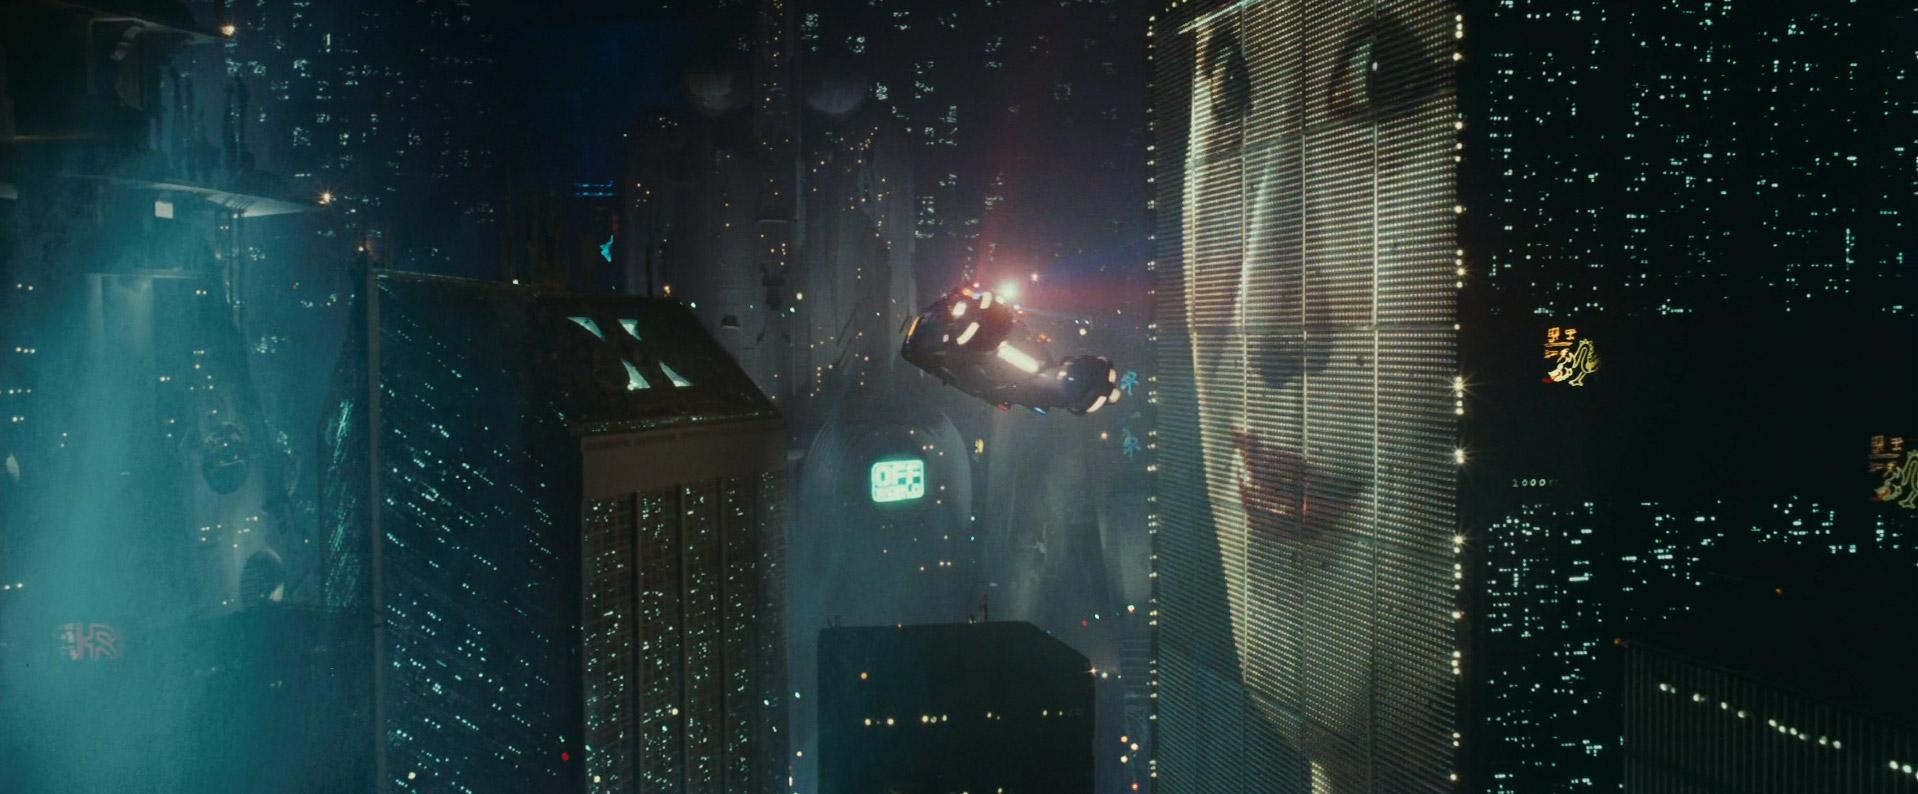 Blade-Runner-008